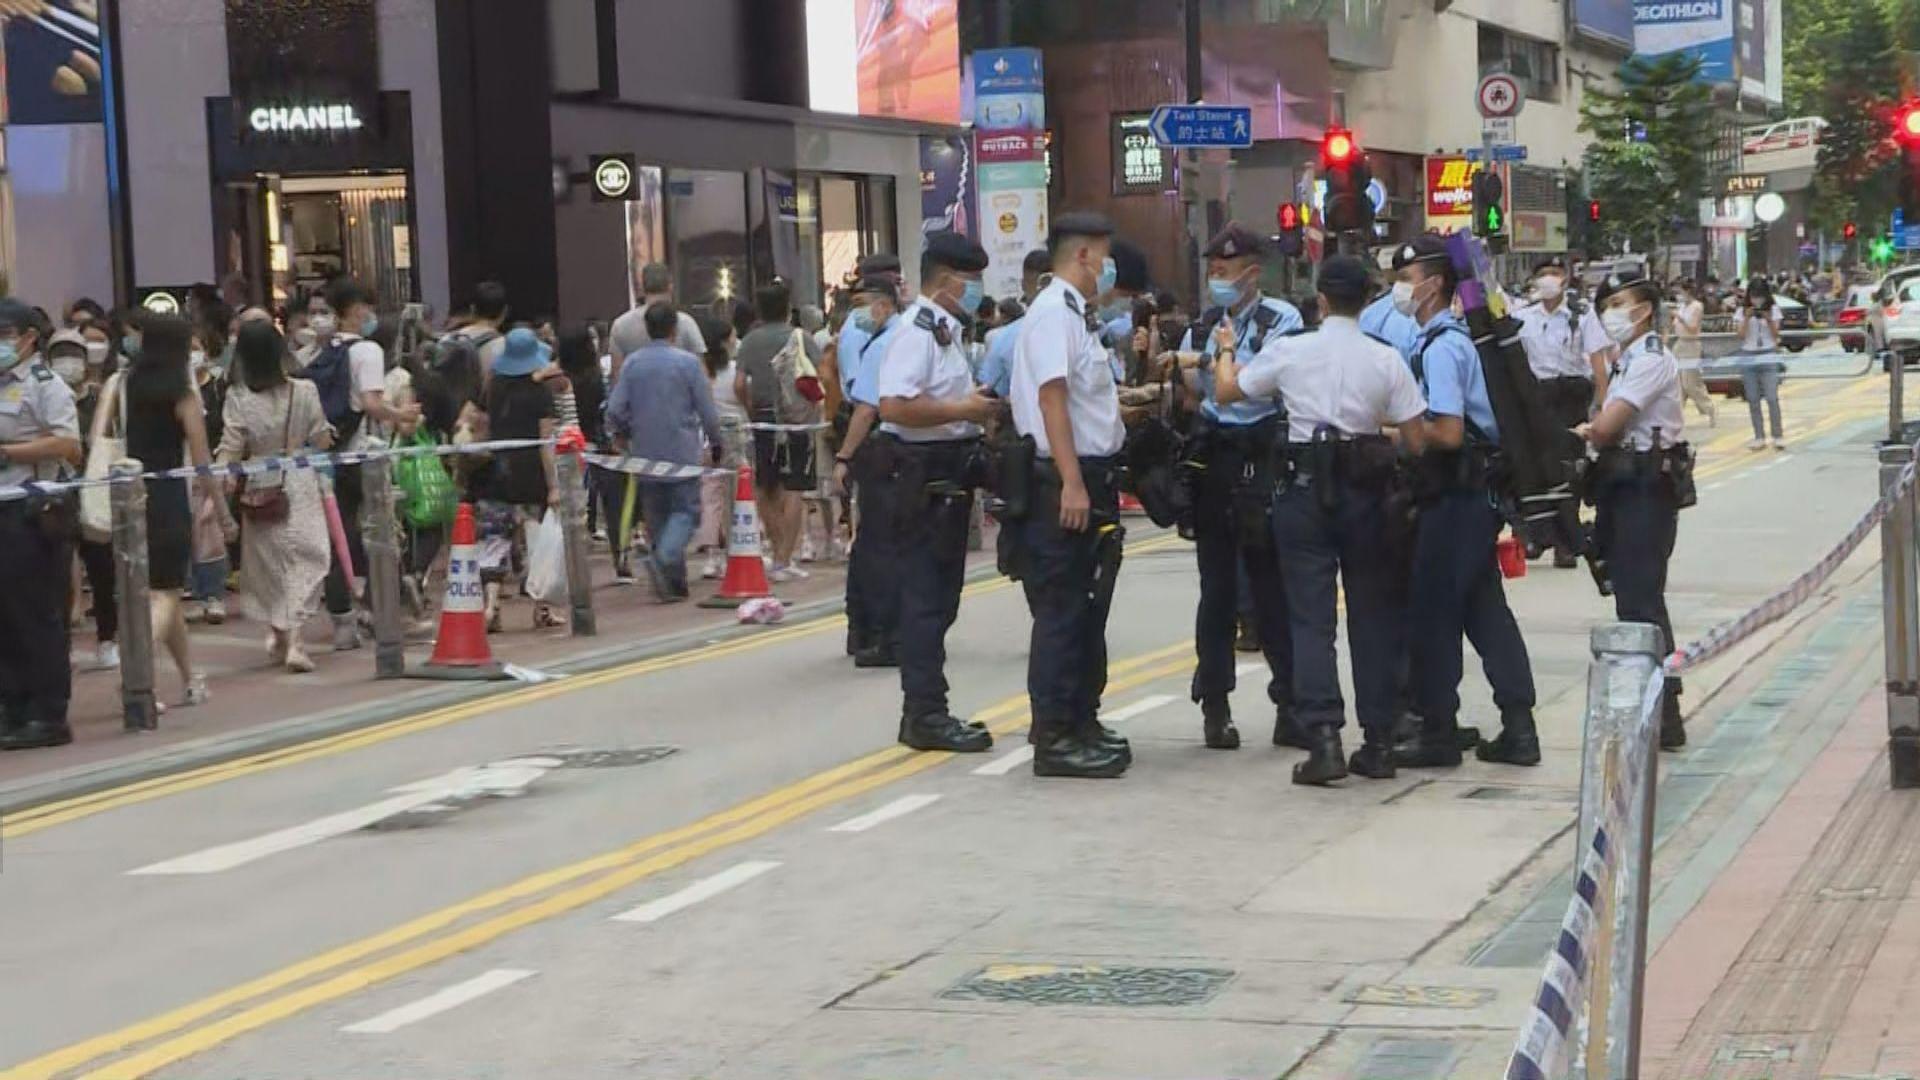 【612兩周年】網上有人號召銅鑼灣聚集 警加強巡邏